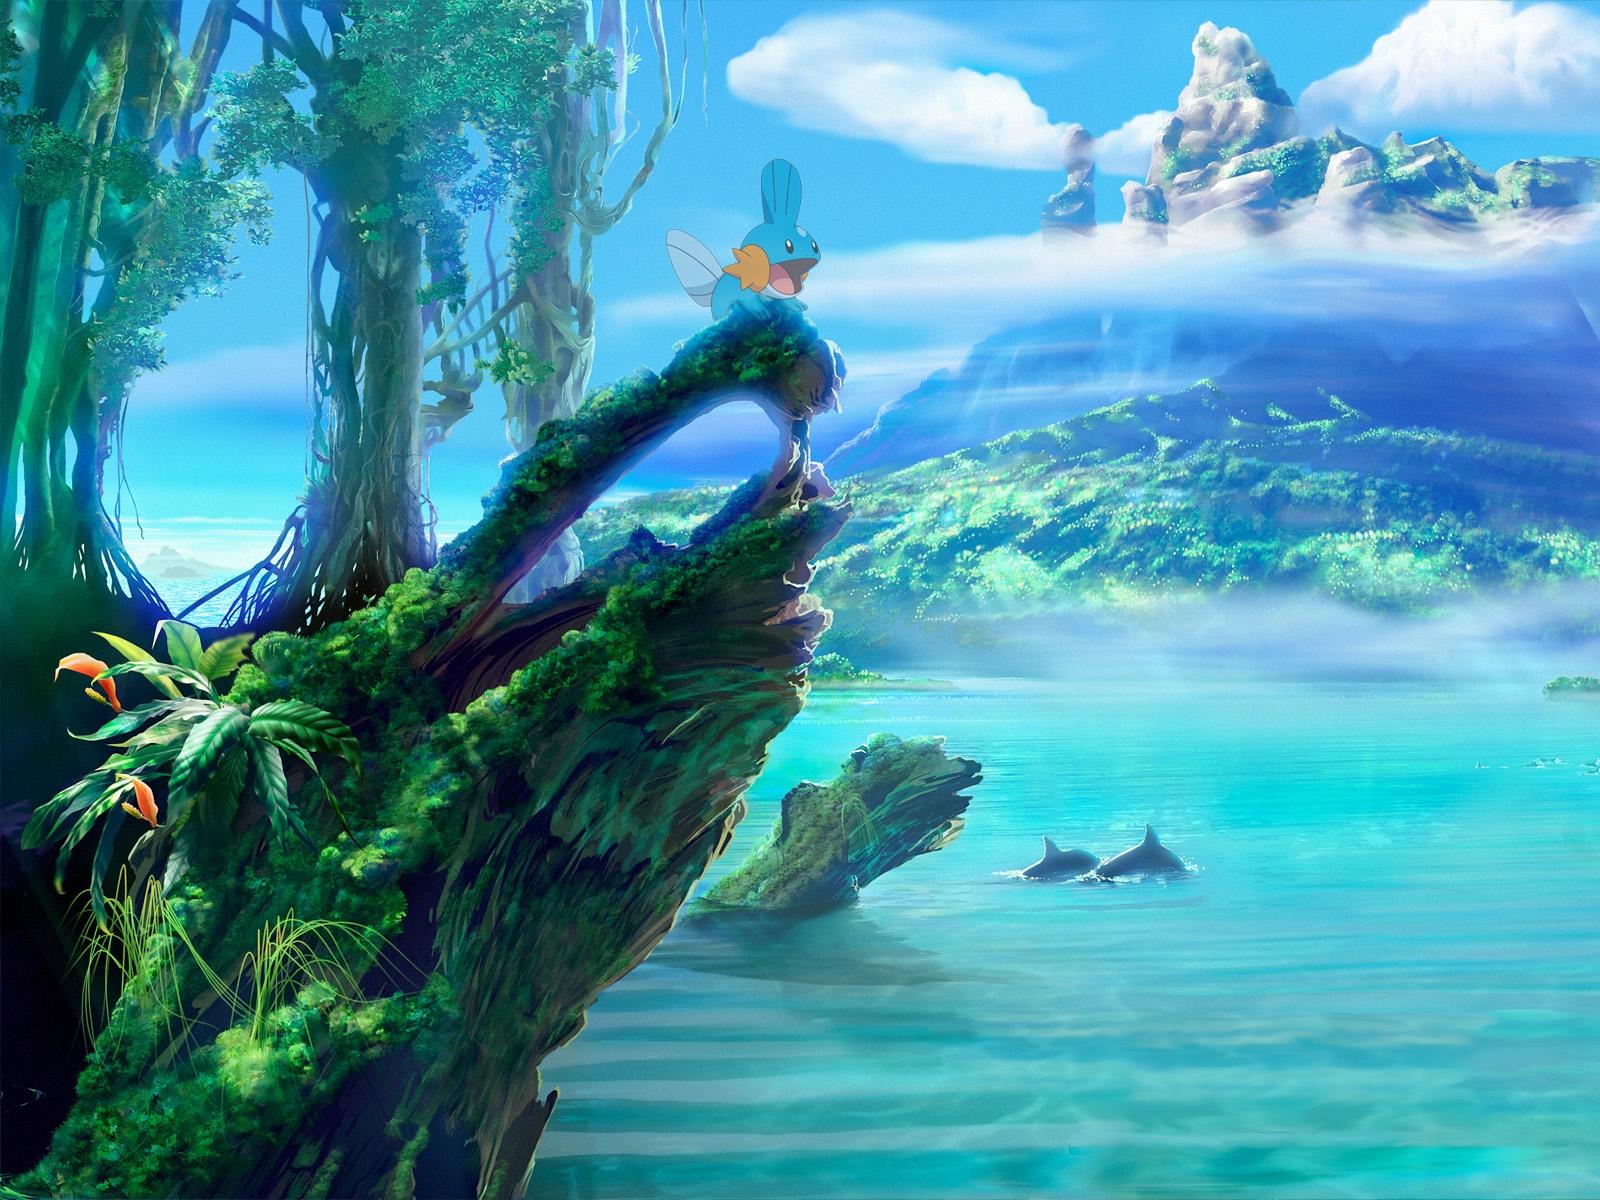 pokemon landscapes mudkip sea shorelines 1600x1200 wallpaper High 1600x1200